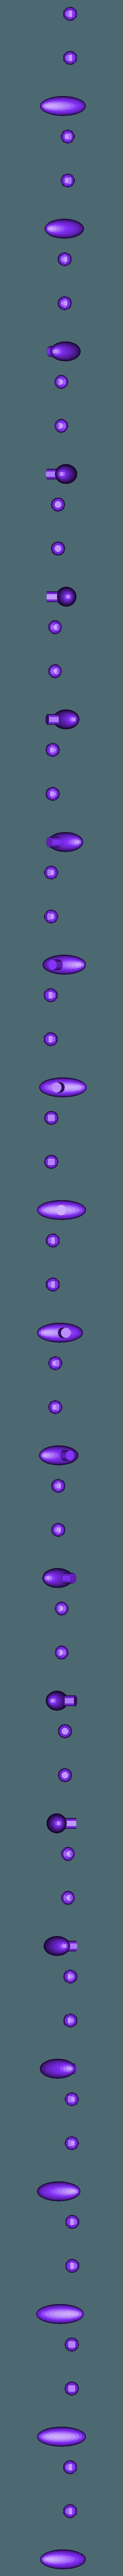 FrogDBlack.stl Télécharger fichier STL gratuit Grenouille • Design imprimable en 3D, BananaScience